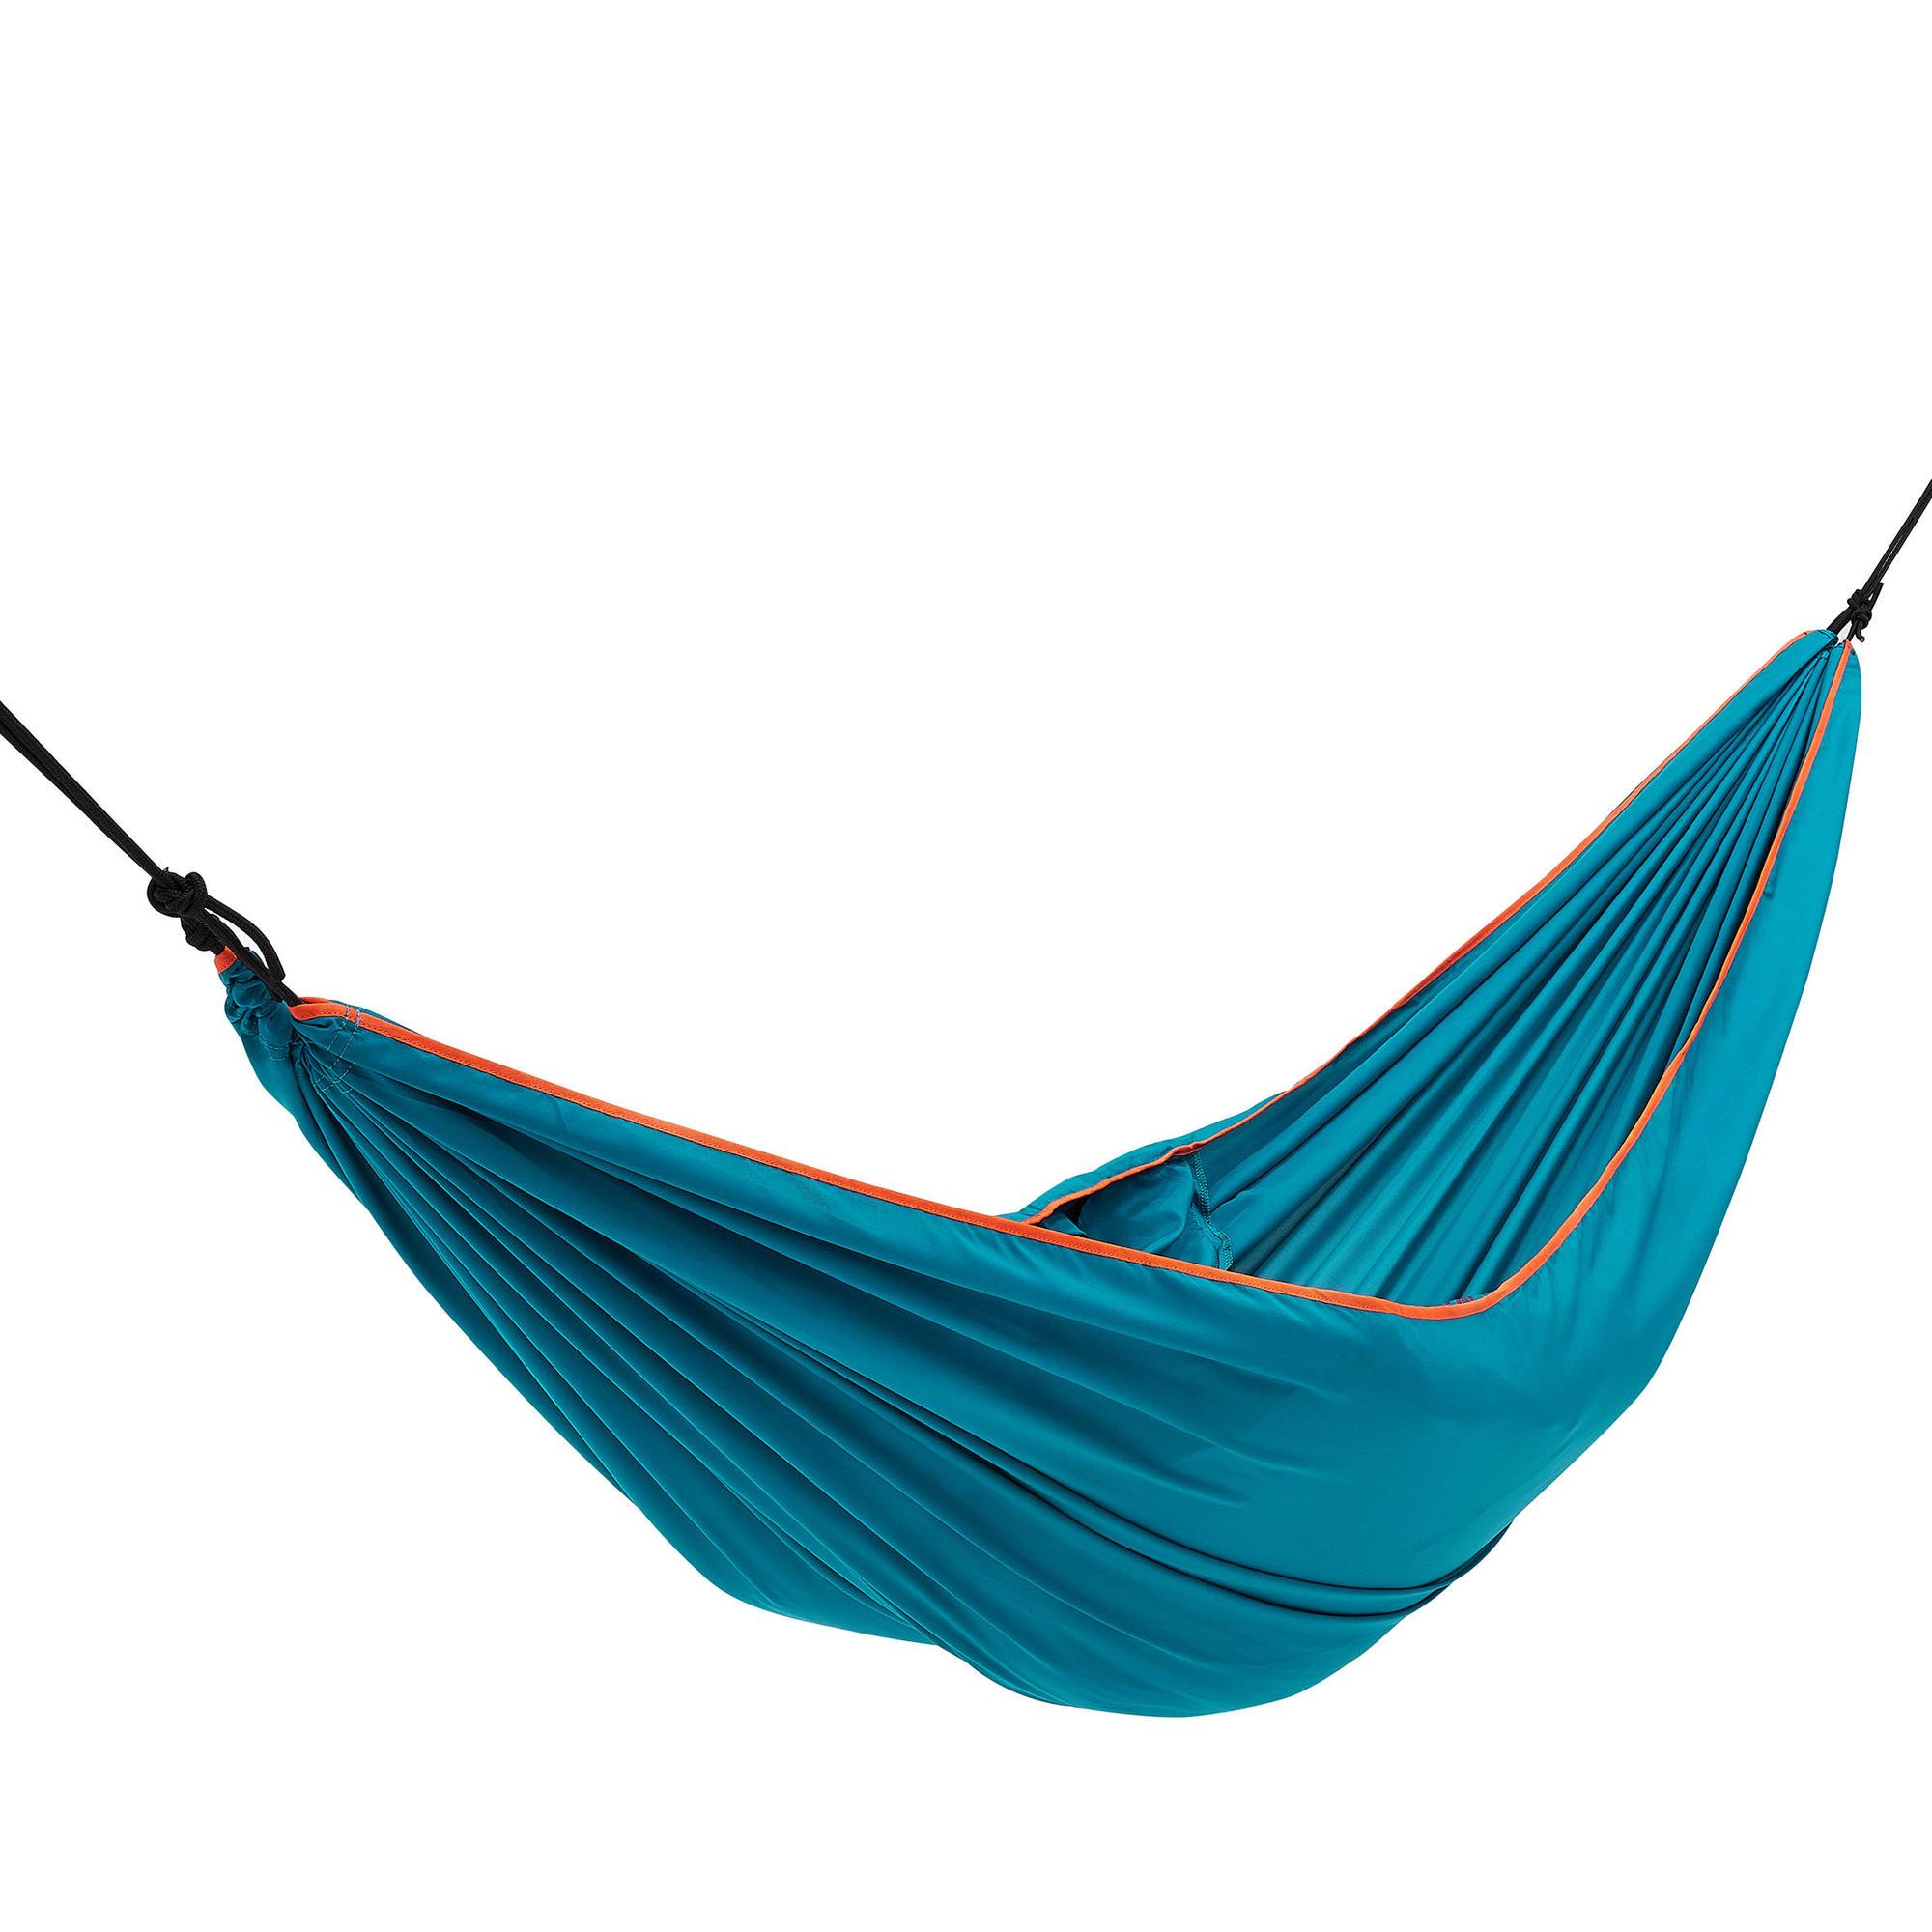 hamac 1 personne bleu quechua. Black Bedroom Furniture Sets. Home Design Ideas